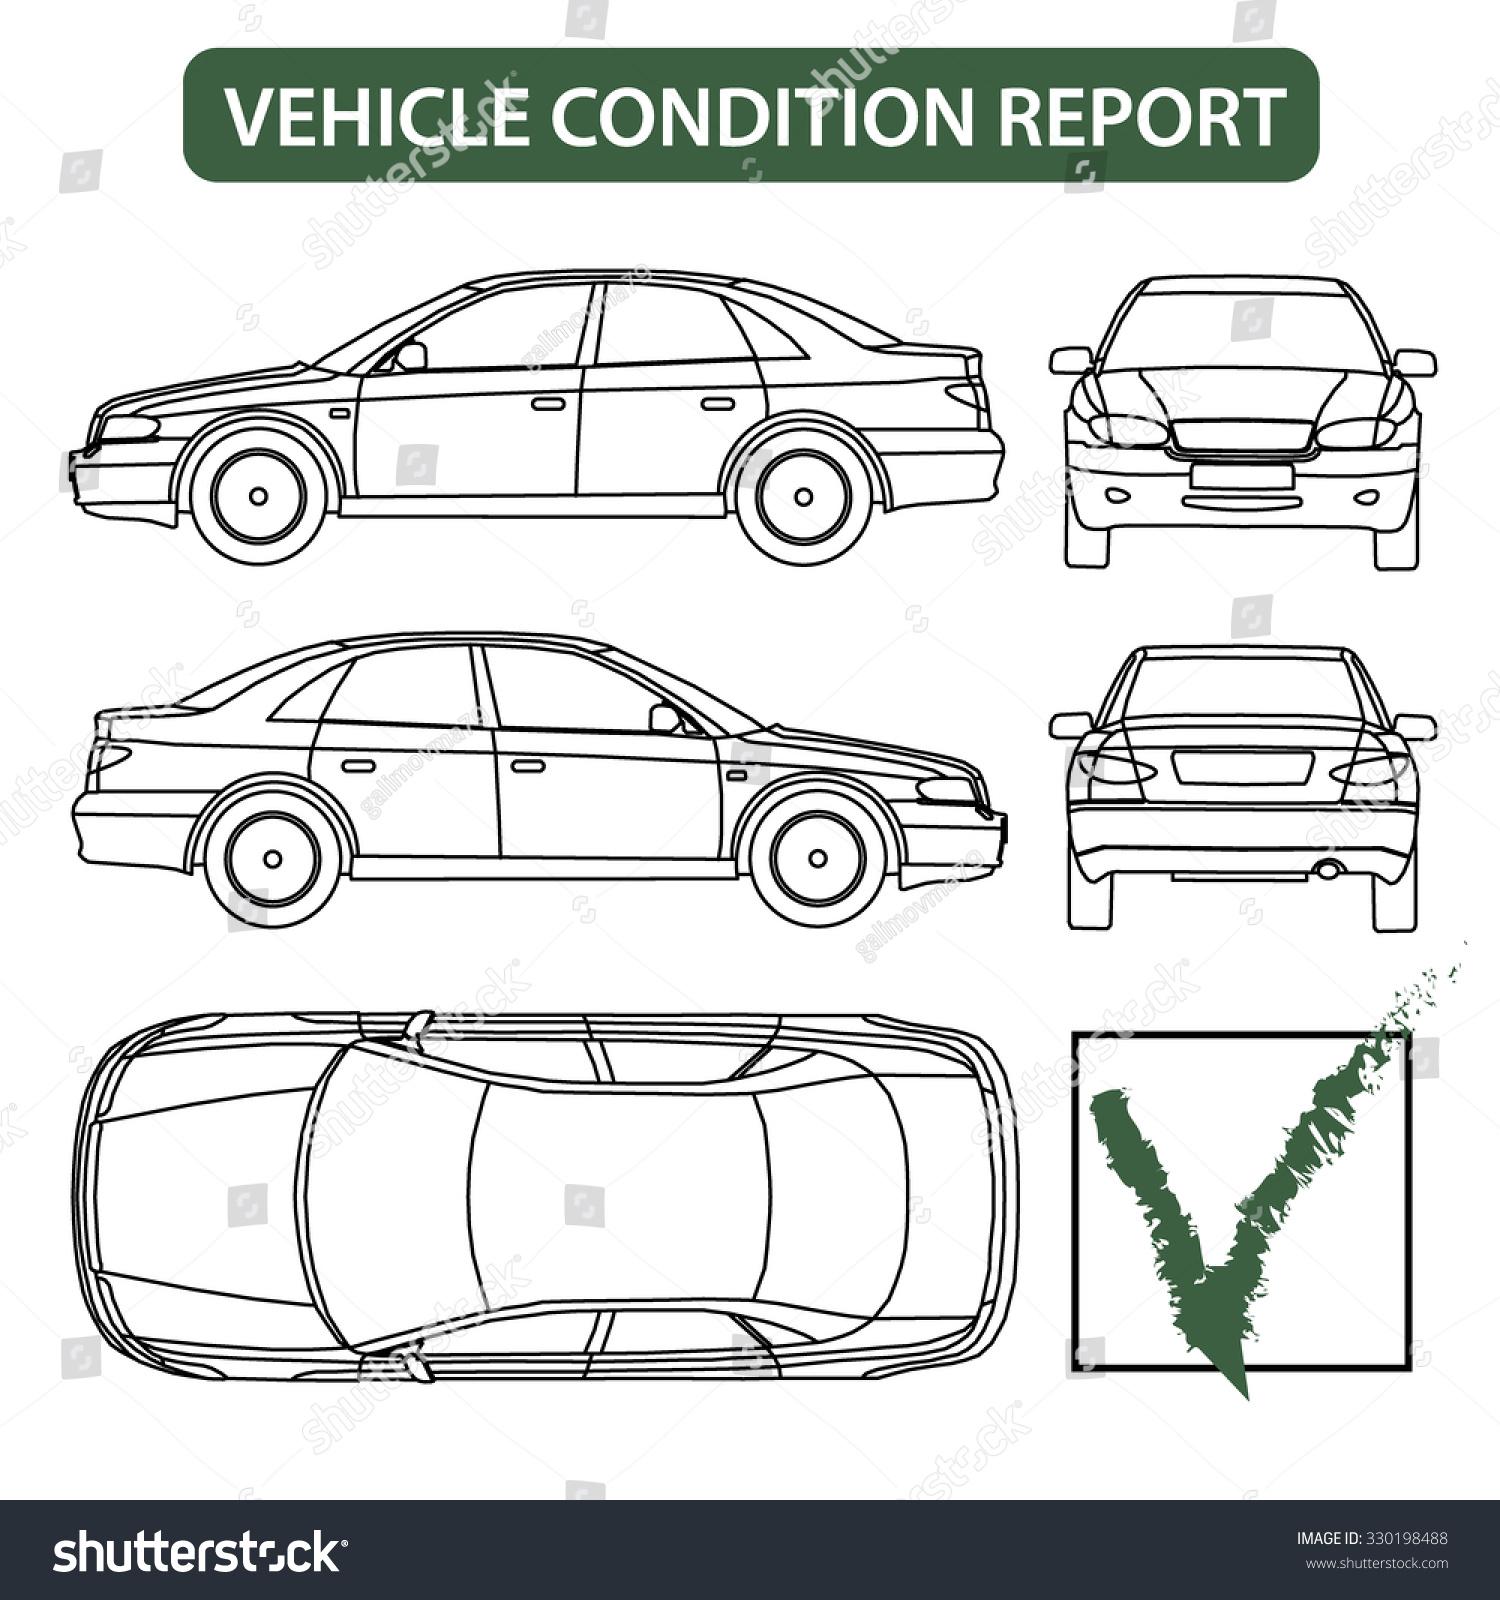 Van Inspection Sheet Template